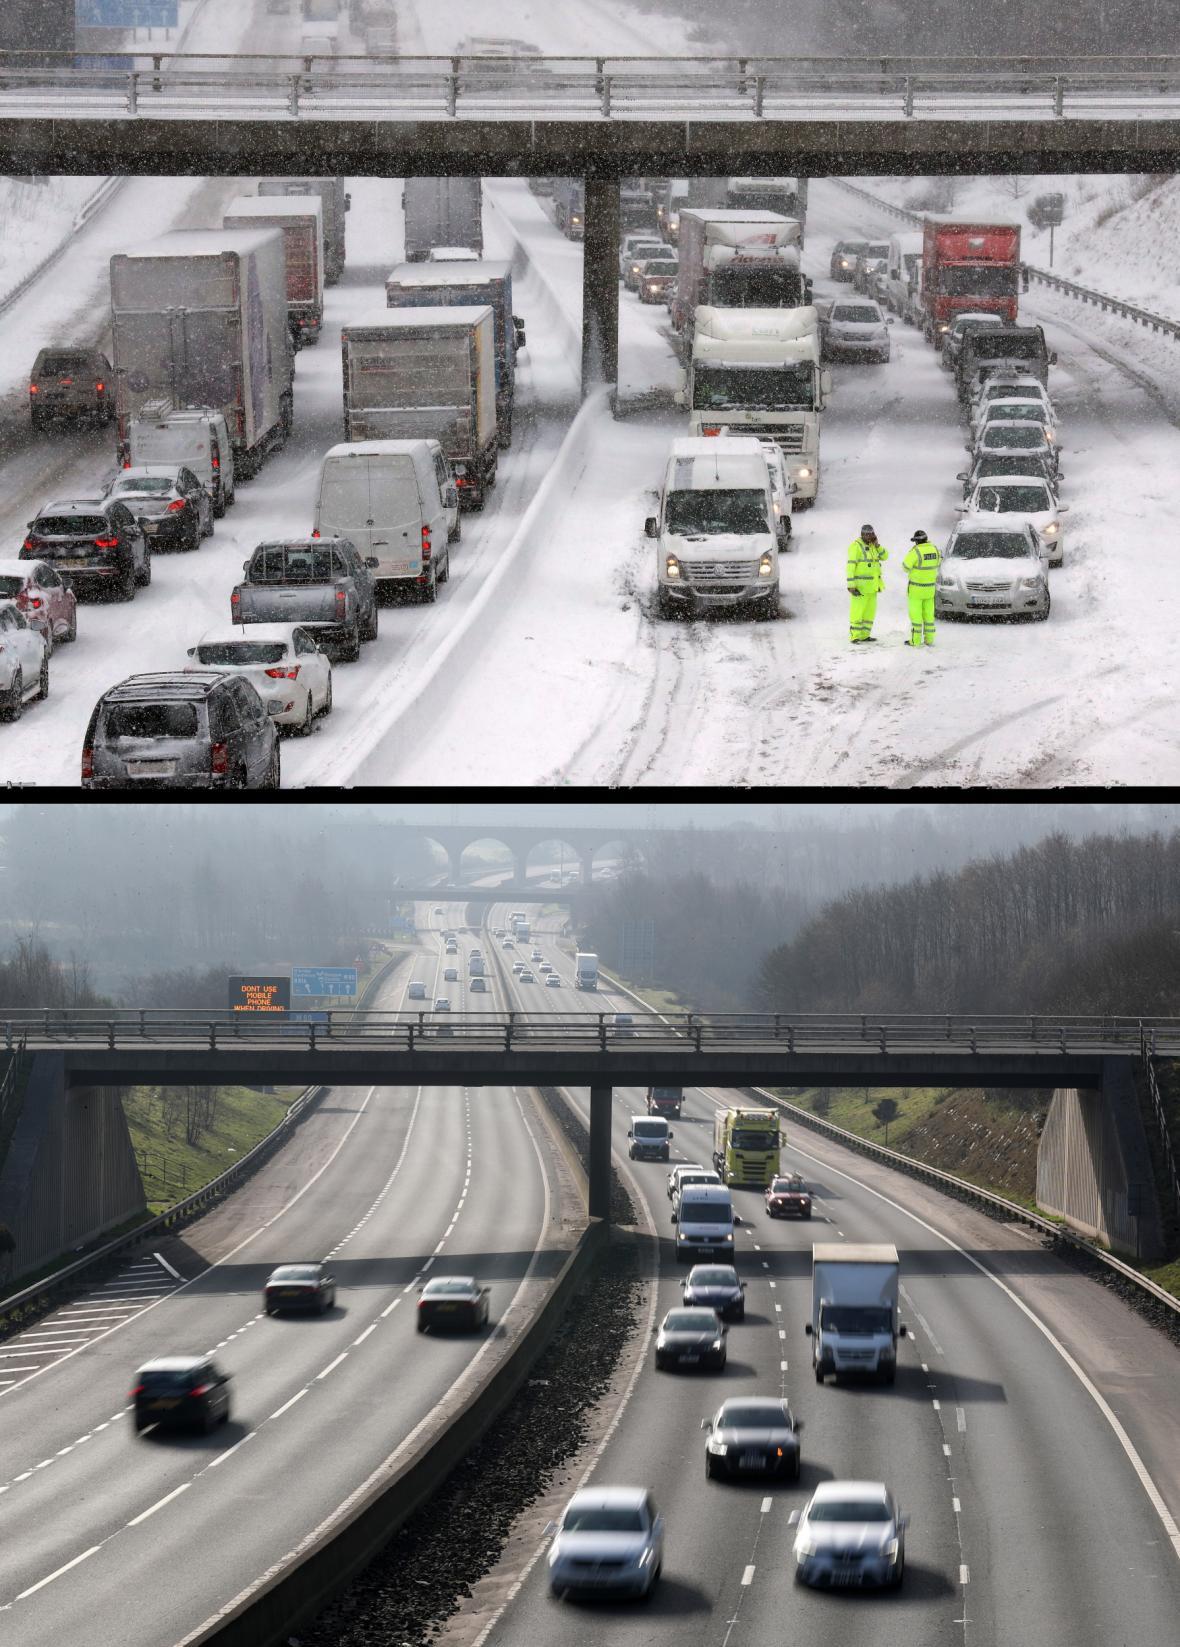 Počasí v Británii koncem února 2018 a koncem února 2019